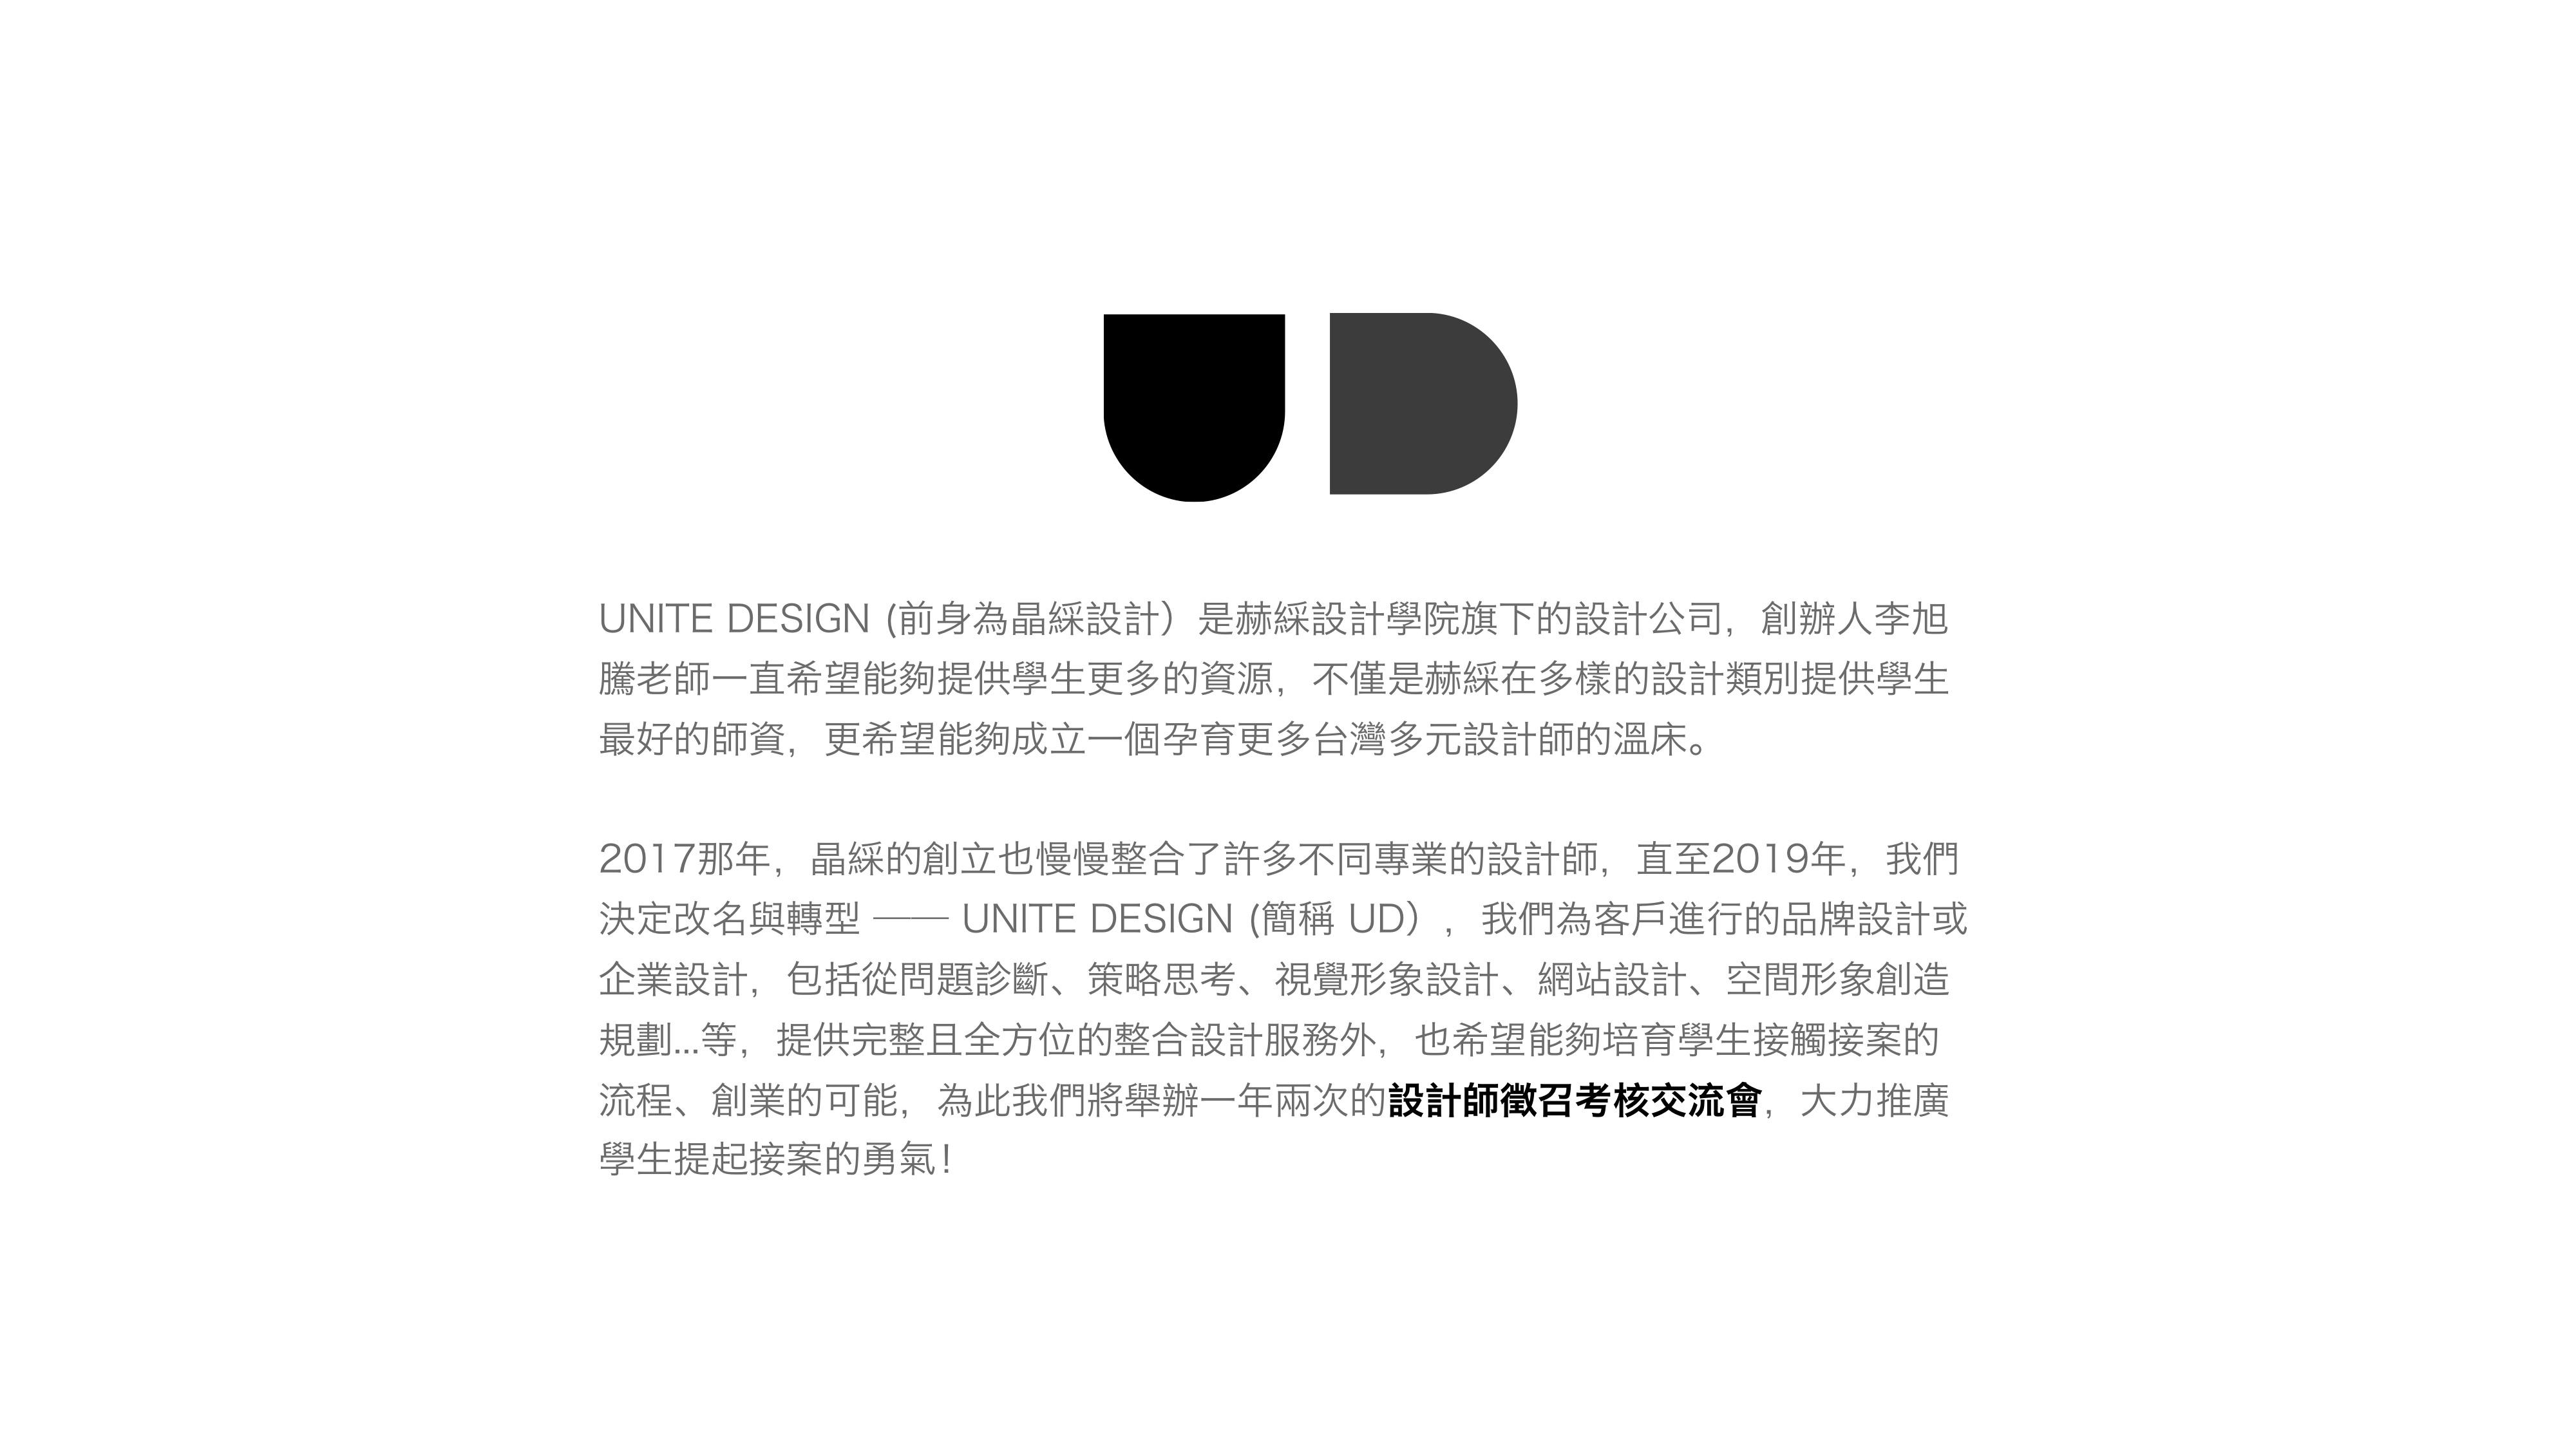 2020 接案新制交流會官網內容